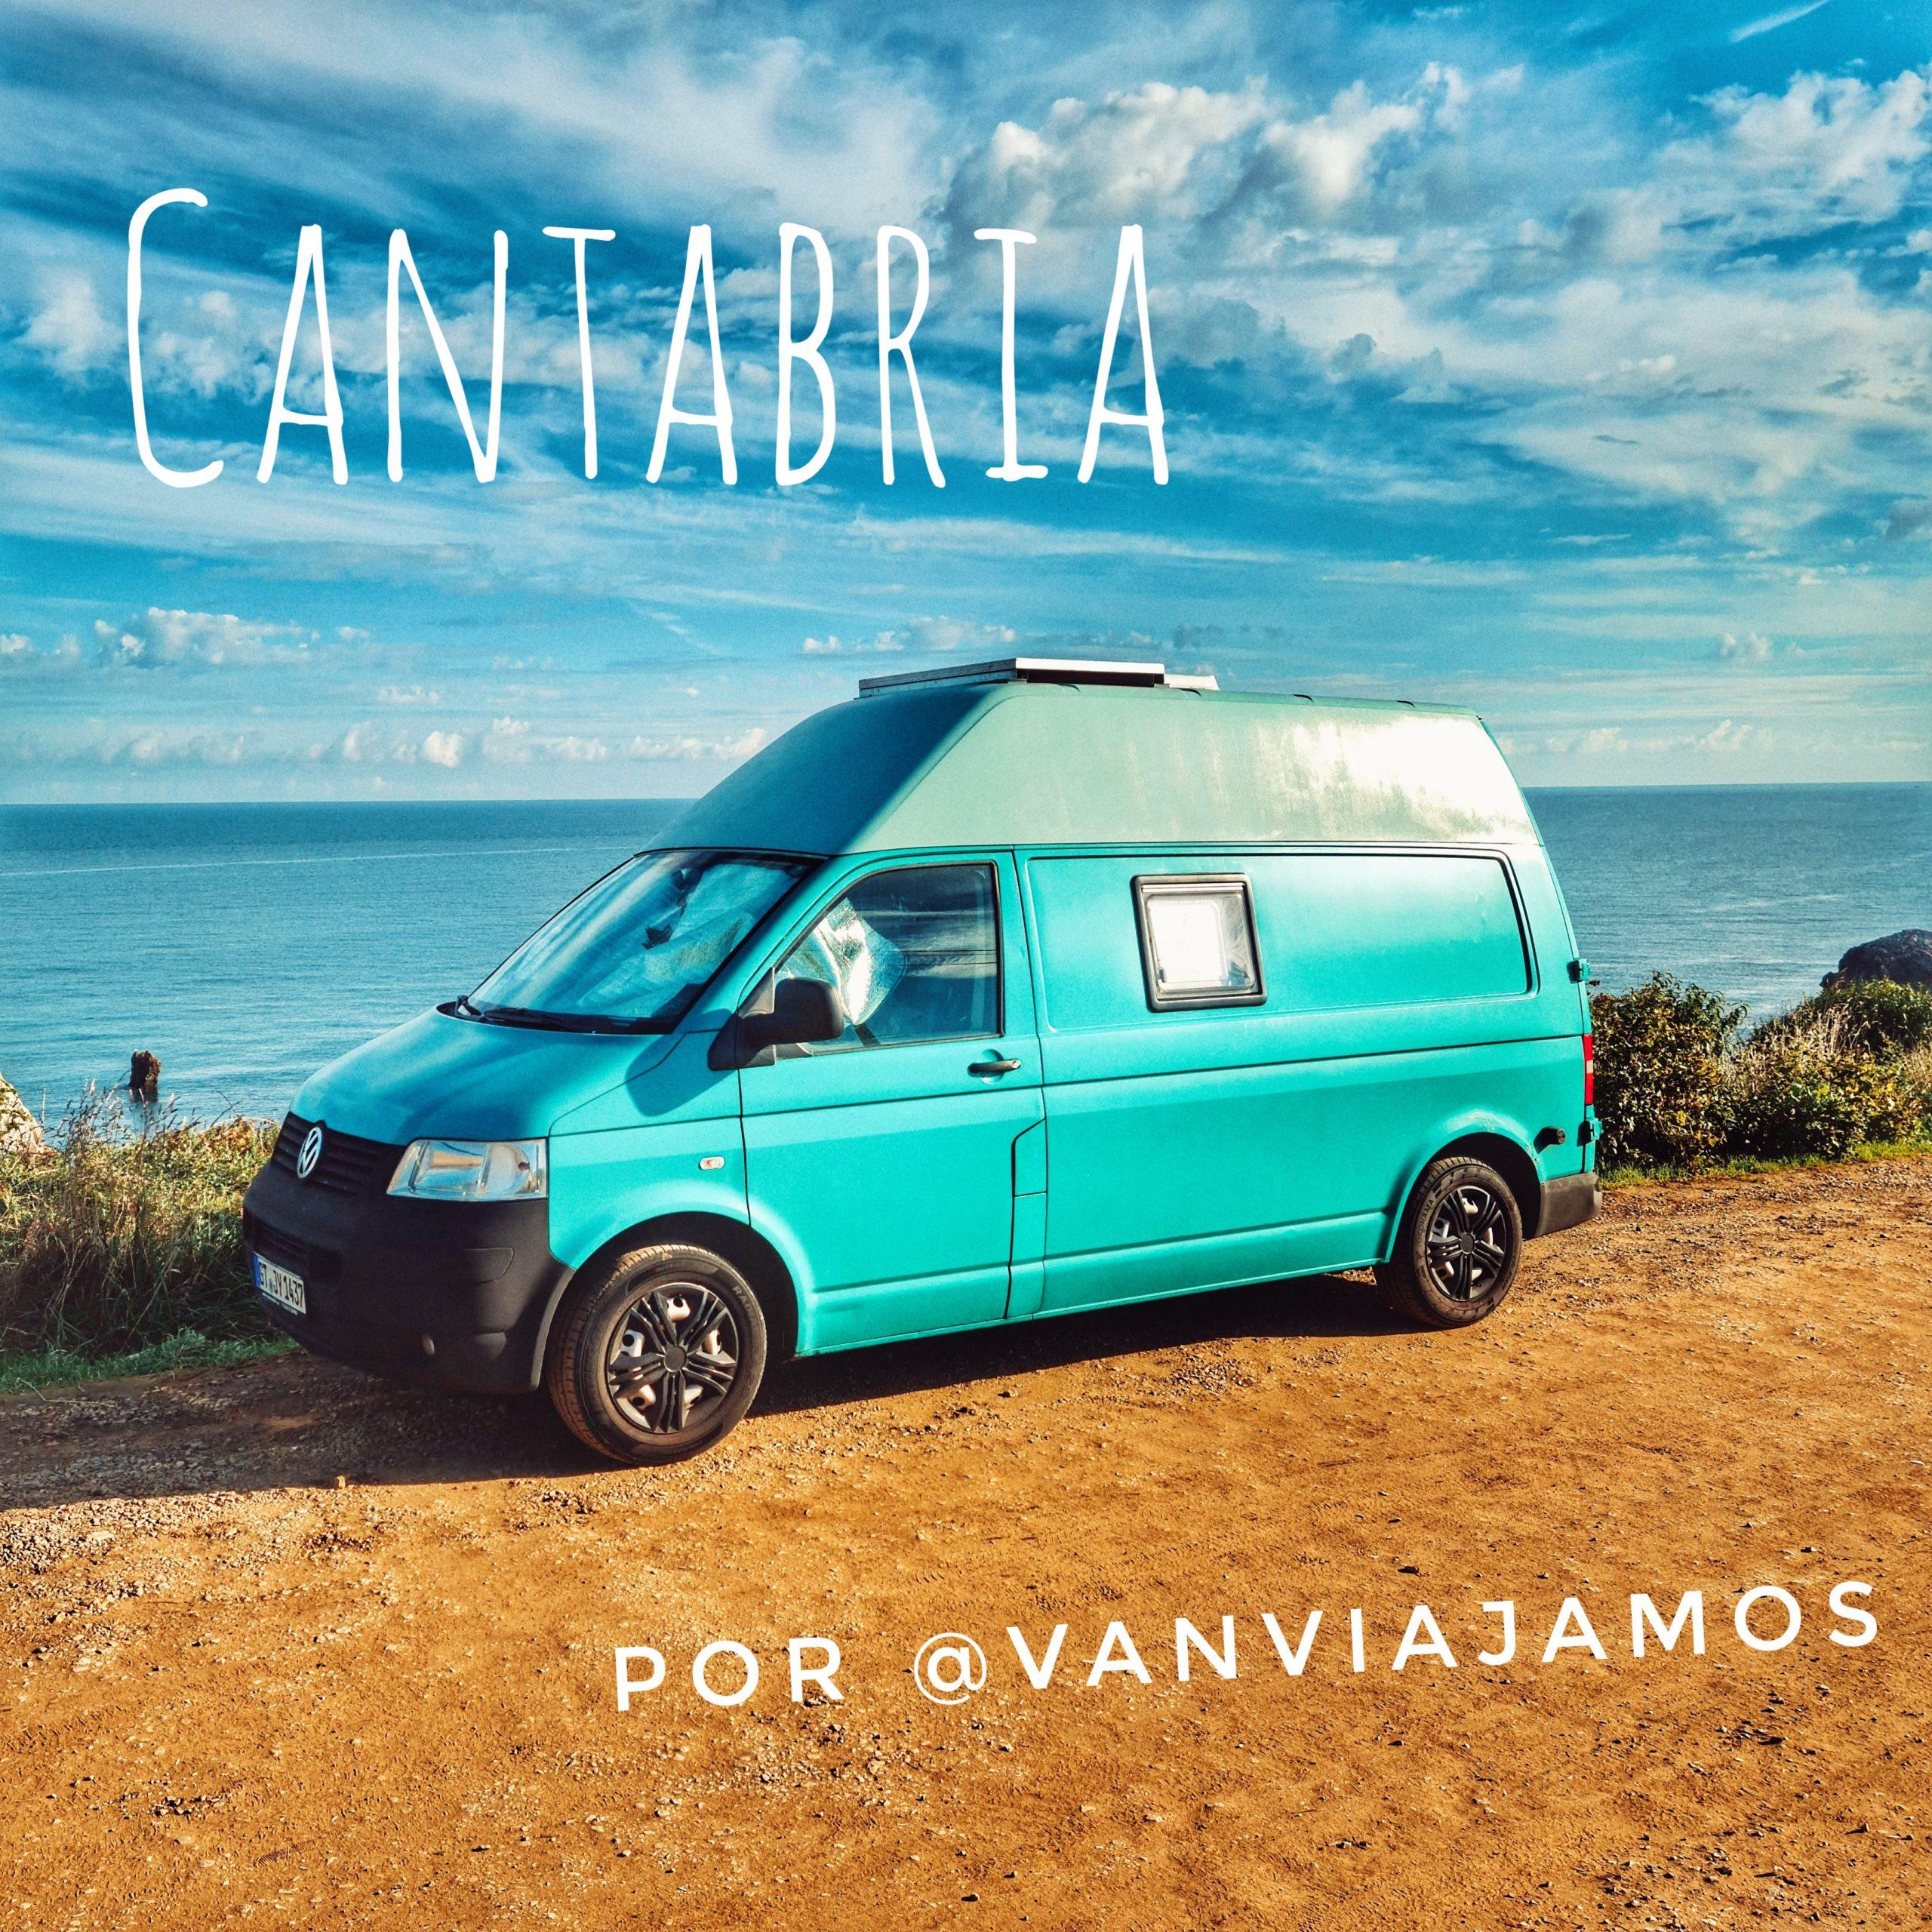 Kurzurlaub durch 2 der besten Strände Kantabriens mit dem Wohnmobil von @vanviagamos